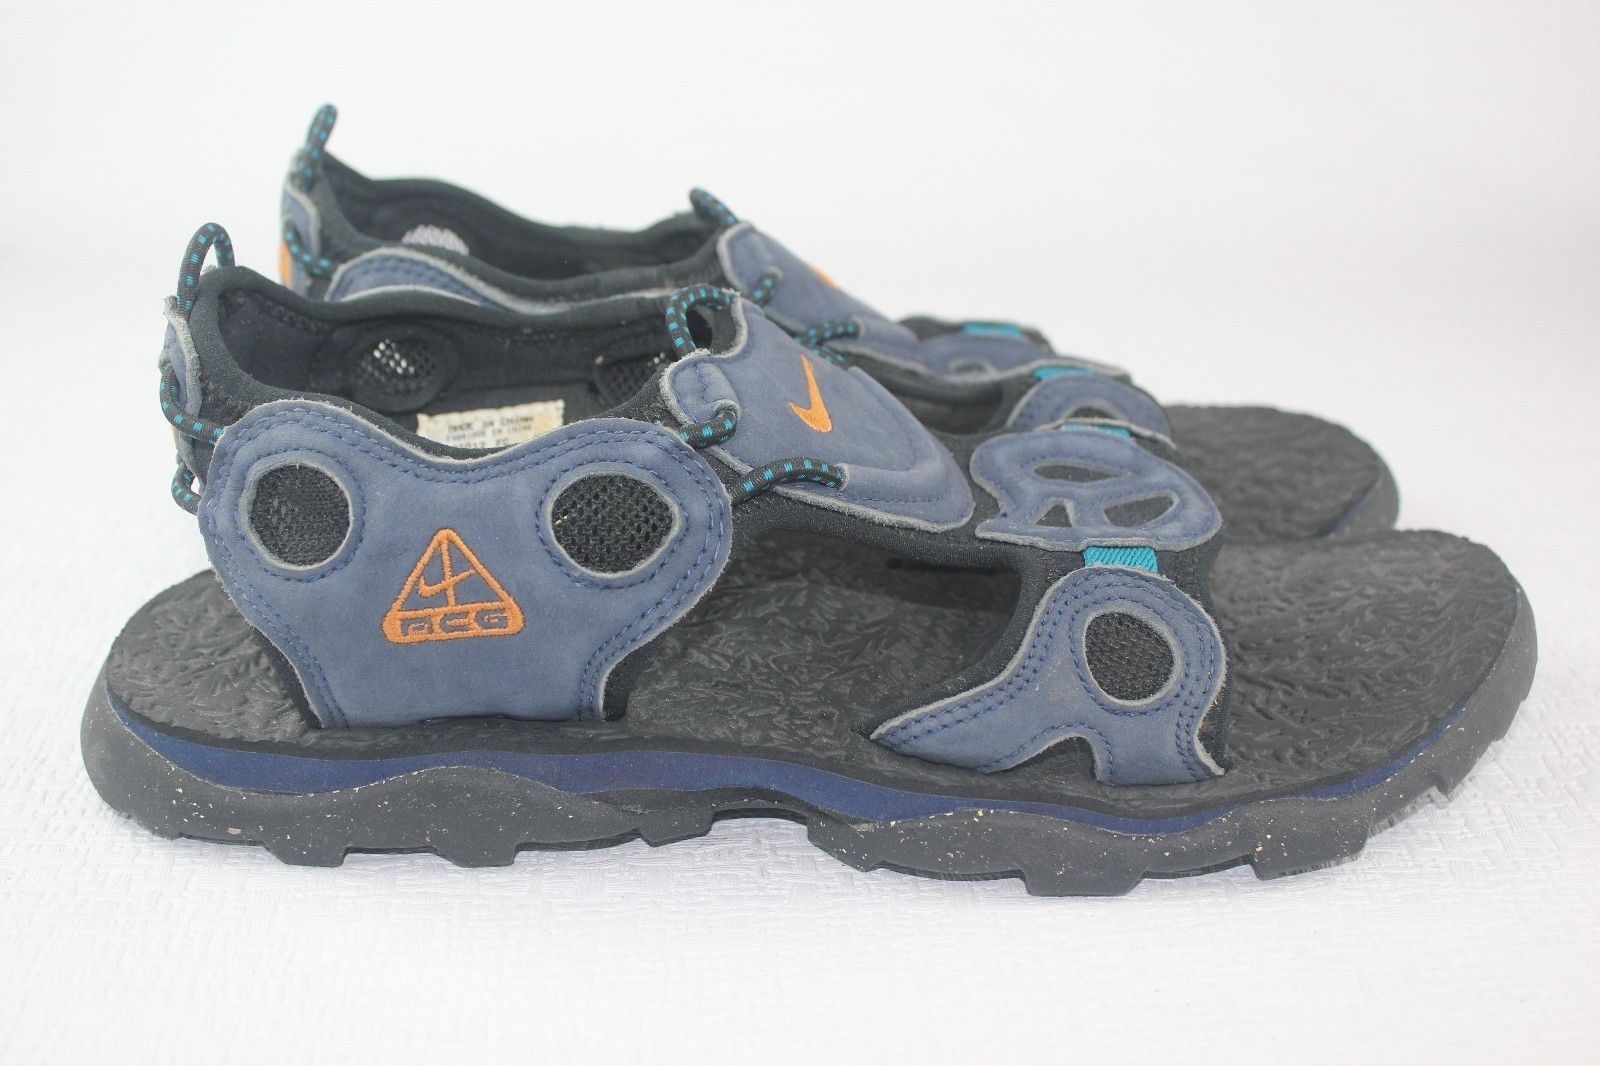 Αποτέλεσμα εικόνας για nike acg rugged all terrain sandals